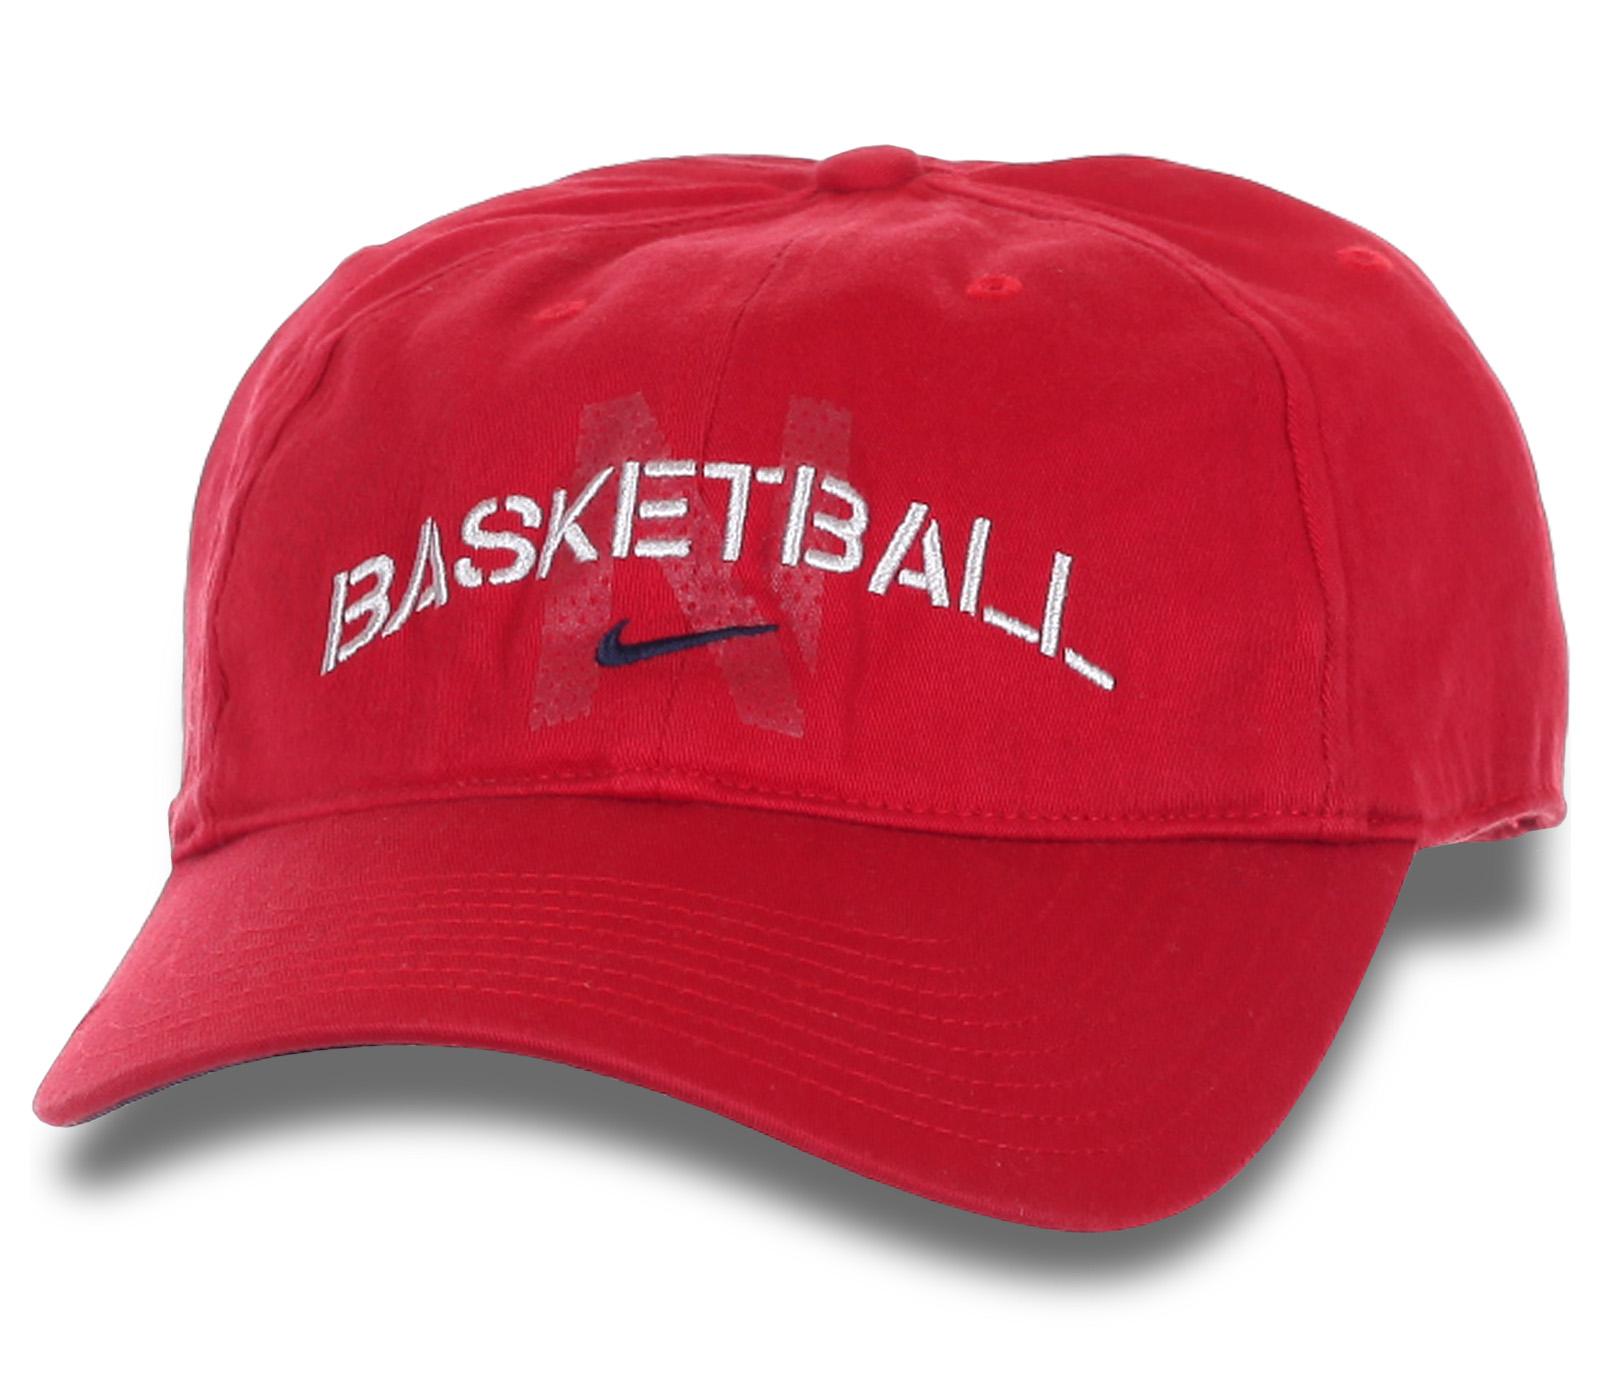 Красная бейсболка с надписью.